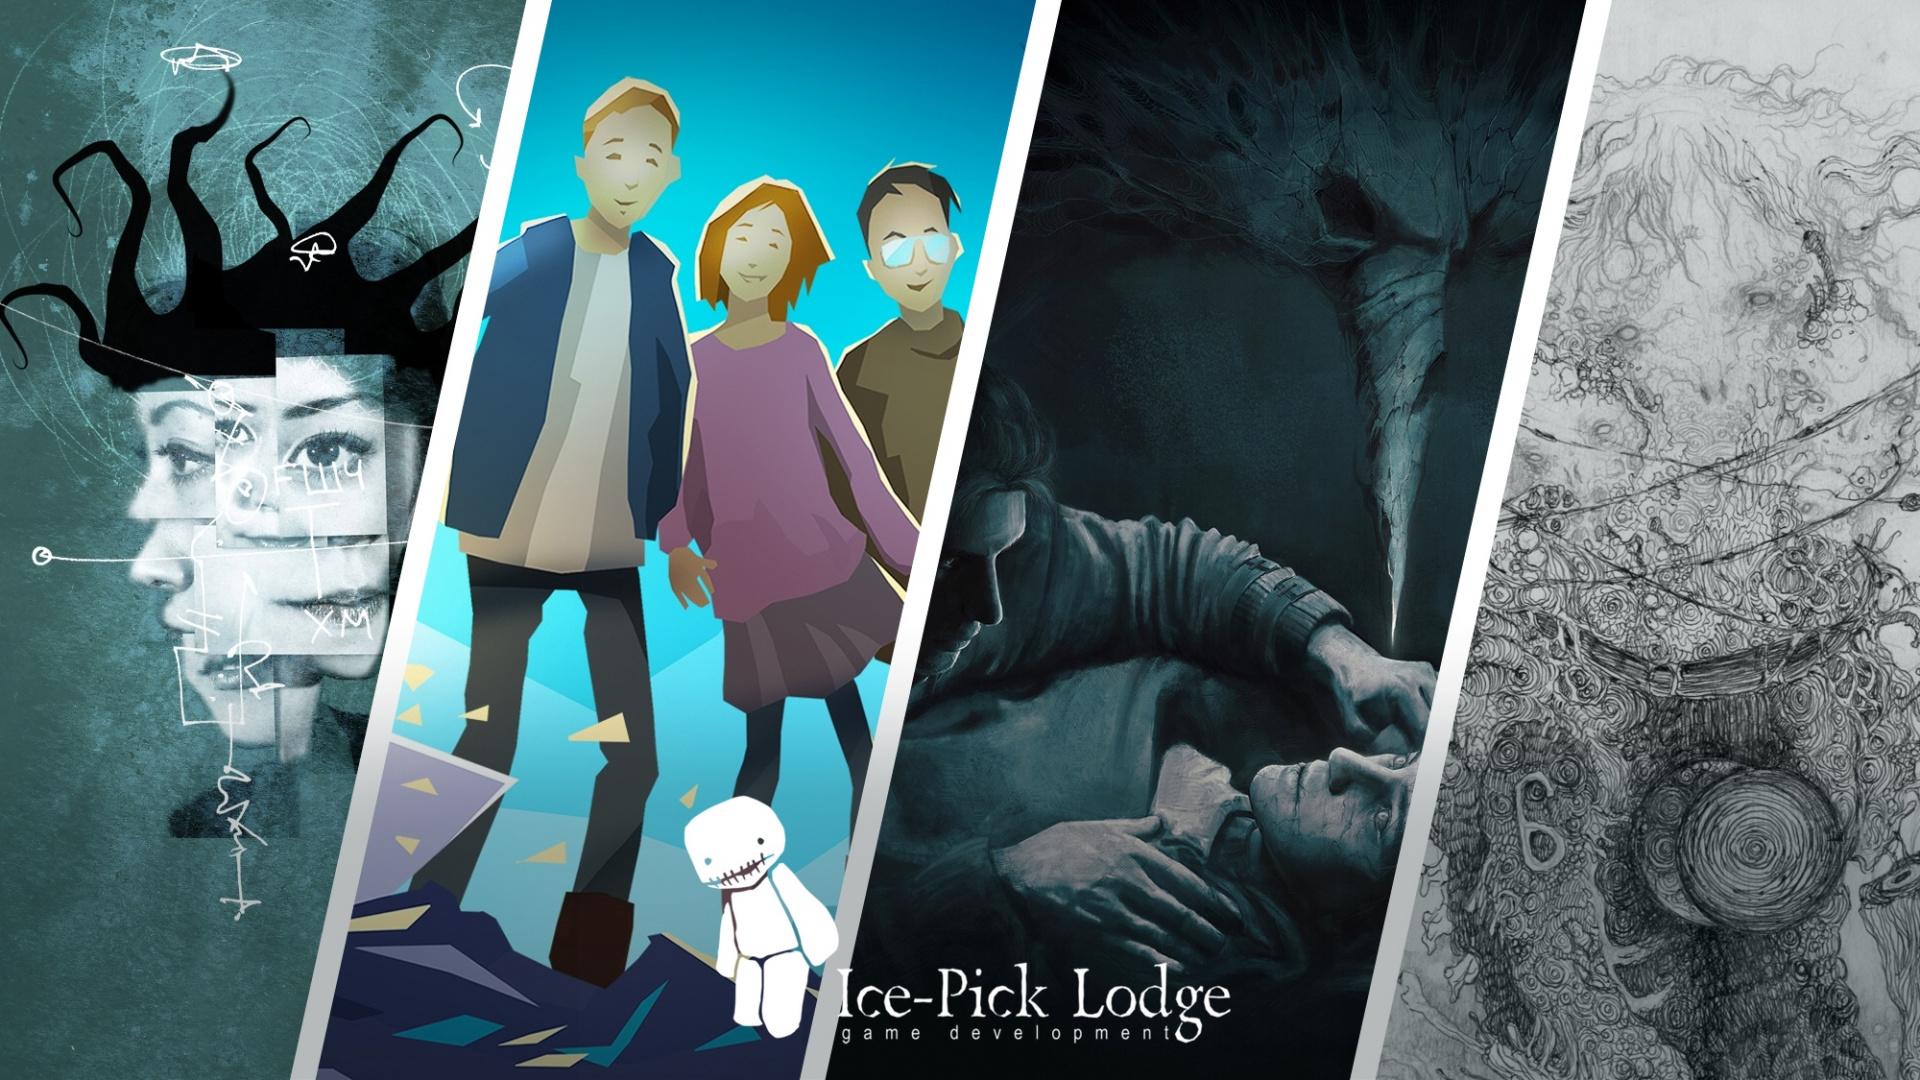 Ice-Pick Lodge анонсировала три новые игры — все для смартфонов